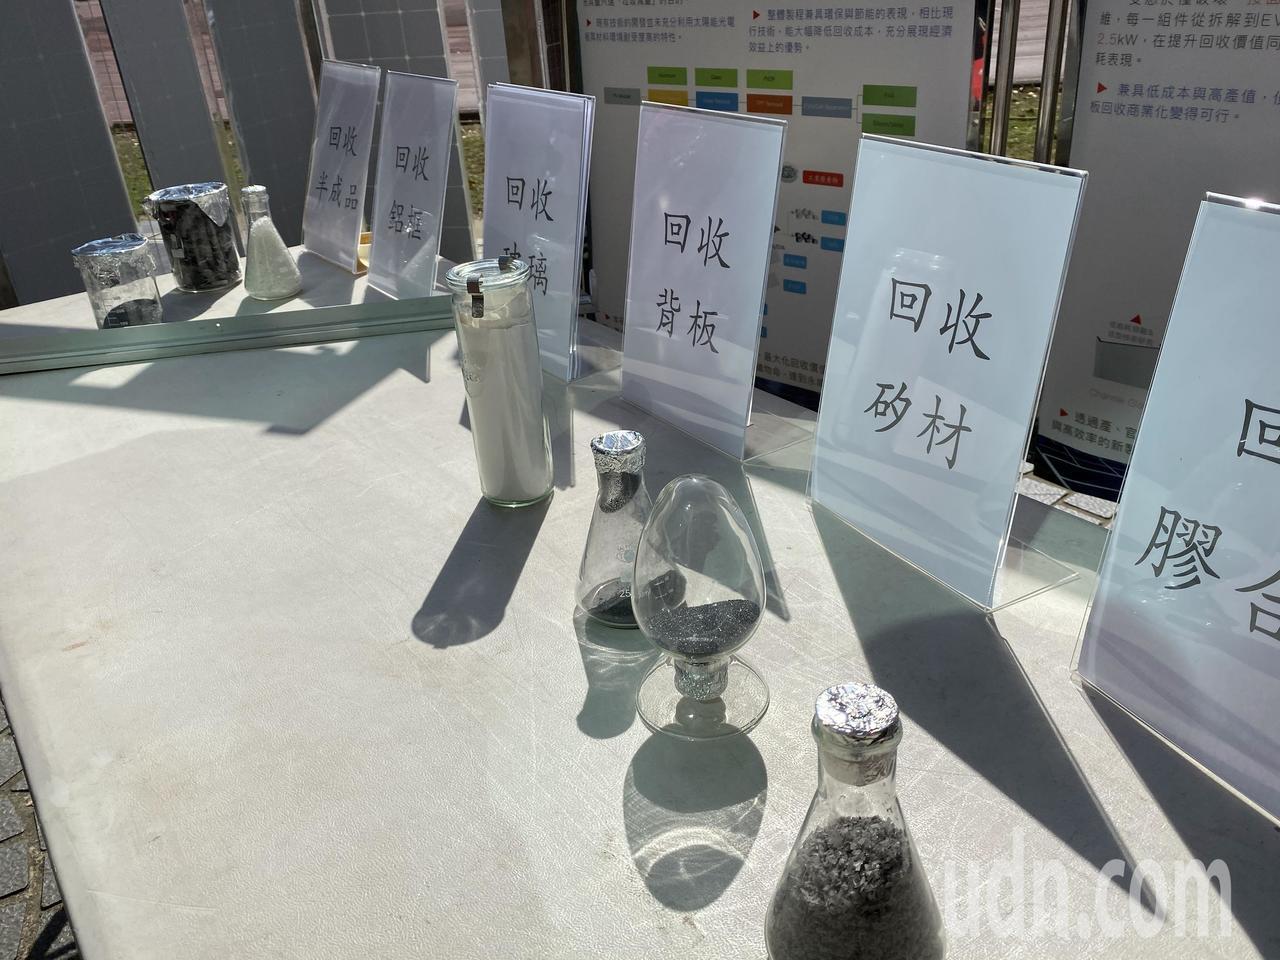 台南大學綠能系團隊研發太陽能板回收體系,今天公布。記者修瑞瑩/攝影